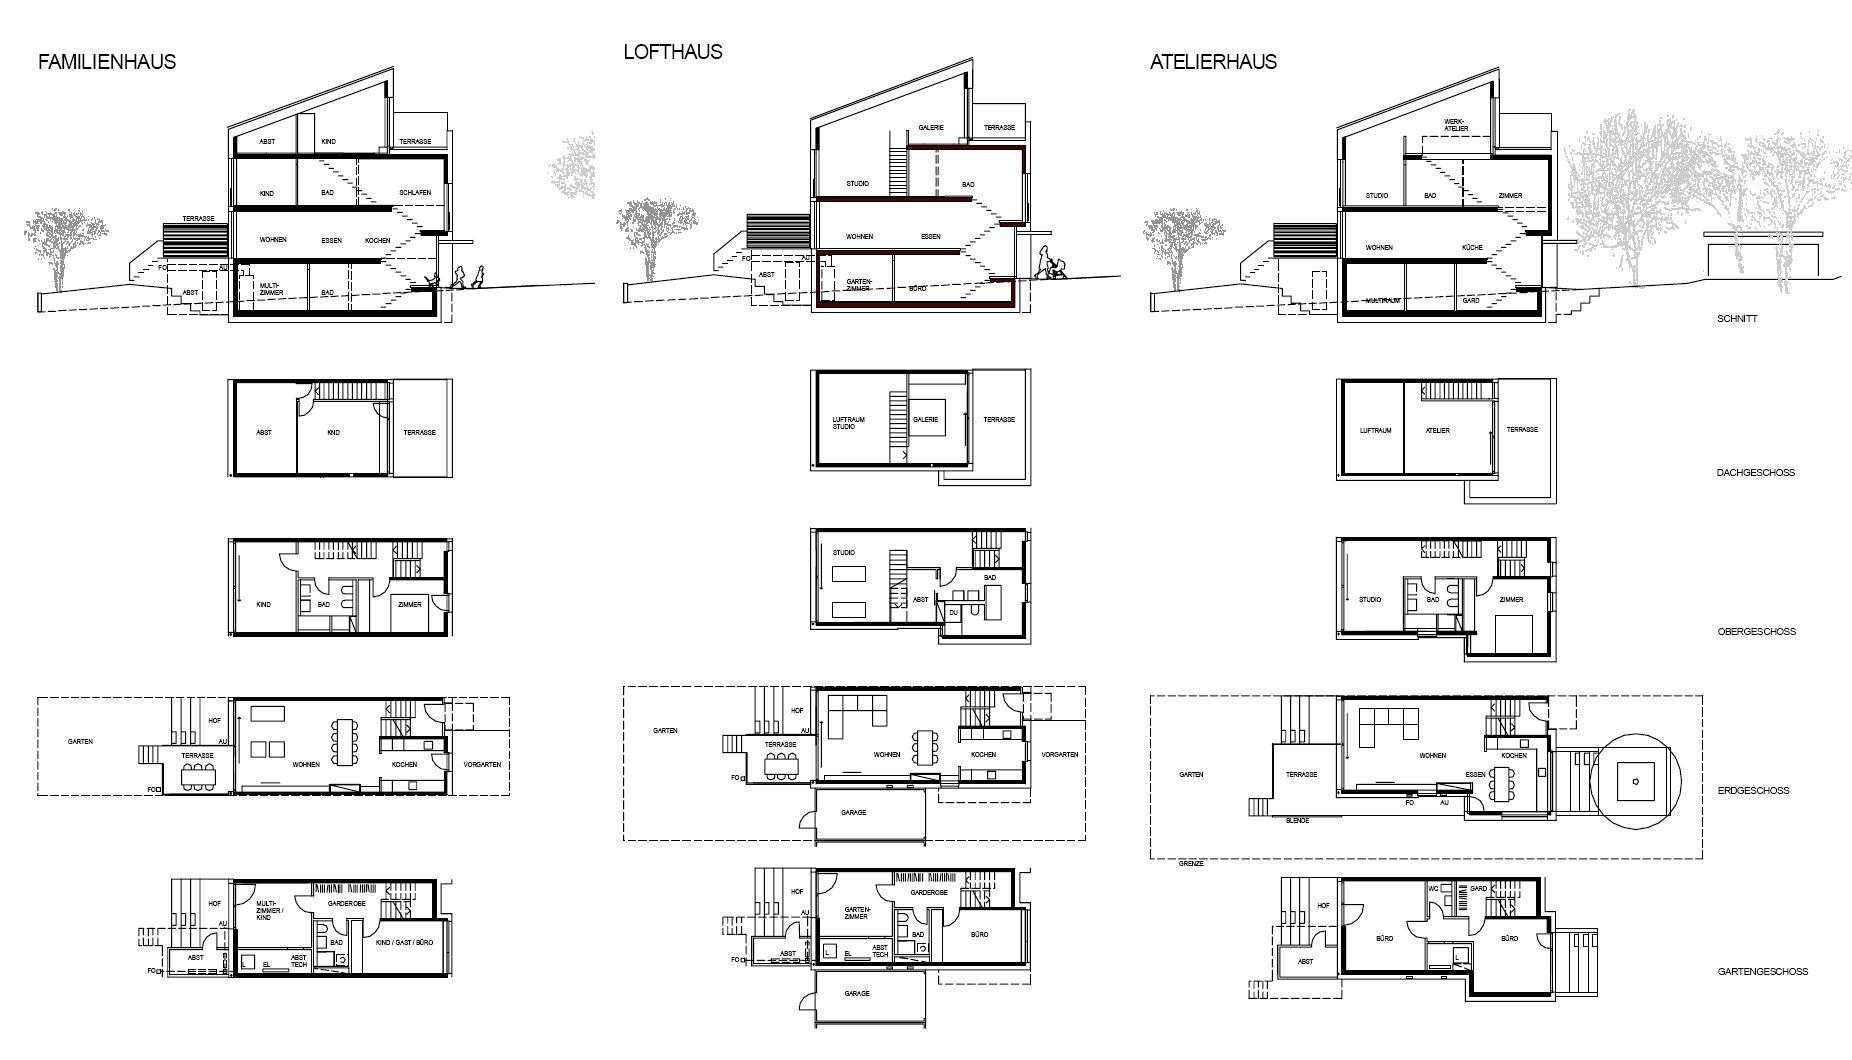 Nutzungspotential für Familienwohnen, Wohnlofts oder Wohnen und Arbeiten